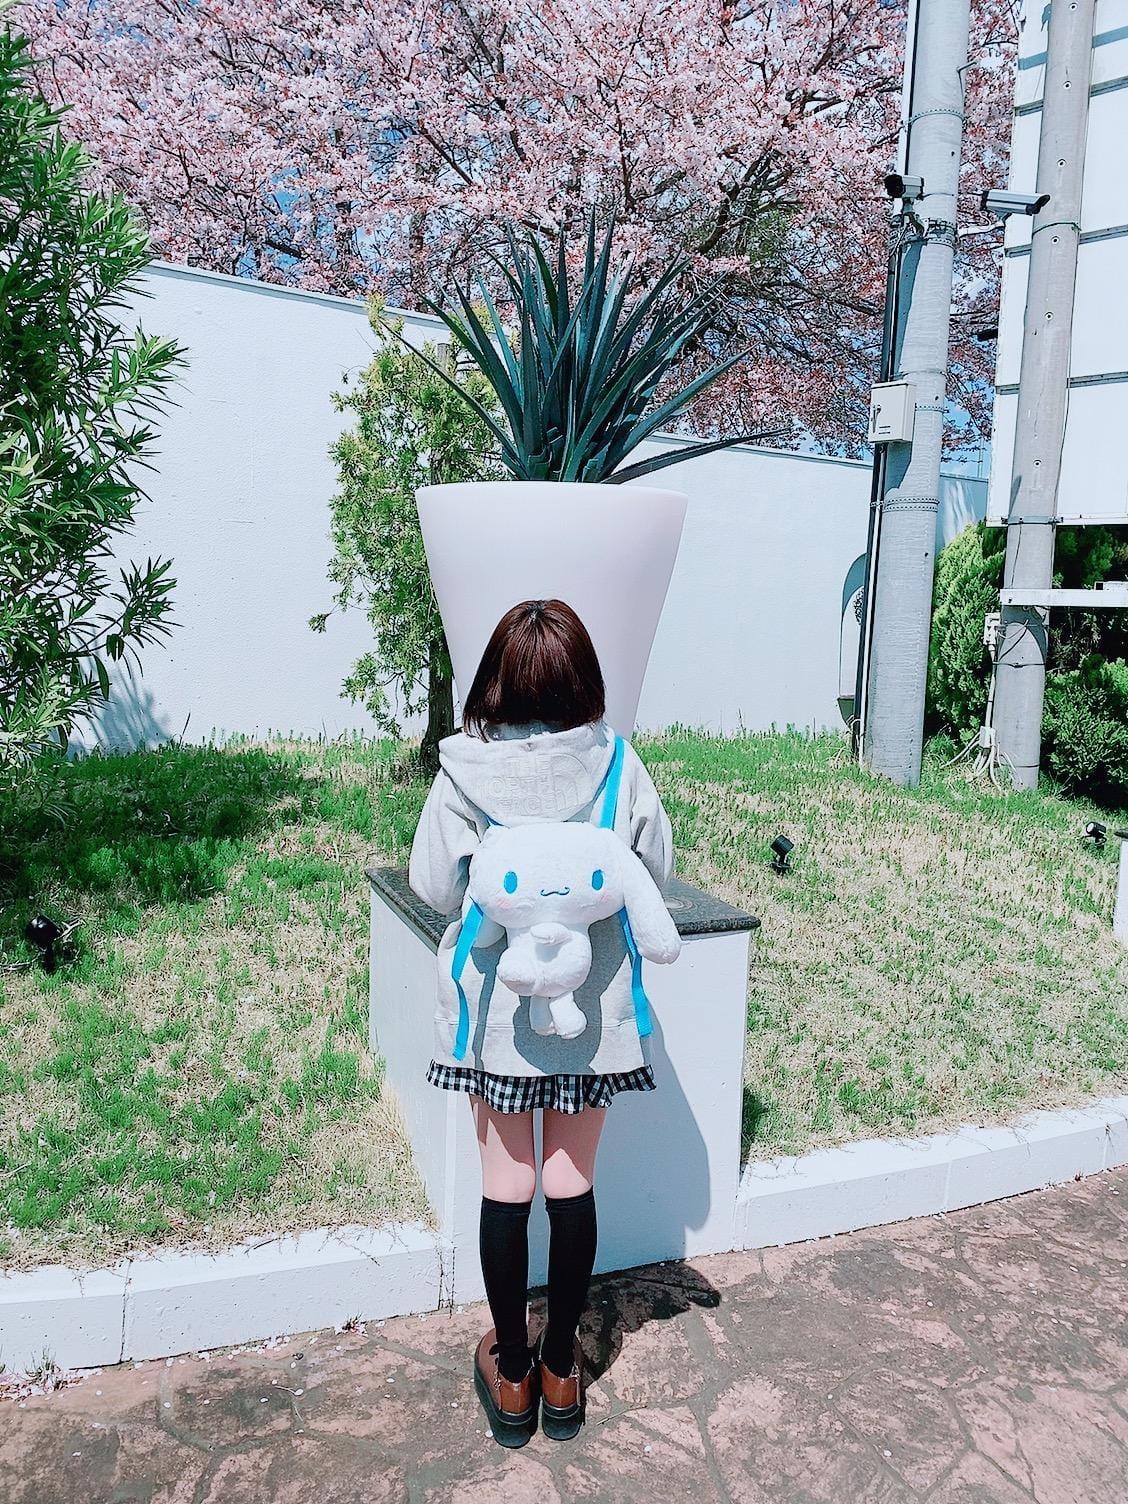 「シナモンのリュック(っ´ω`c)」04/06(04/06) 15:30   すずちゃんの写メ・風俗動画